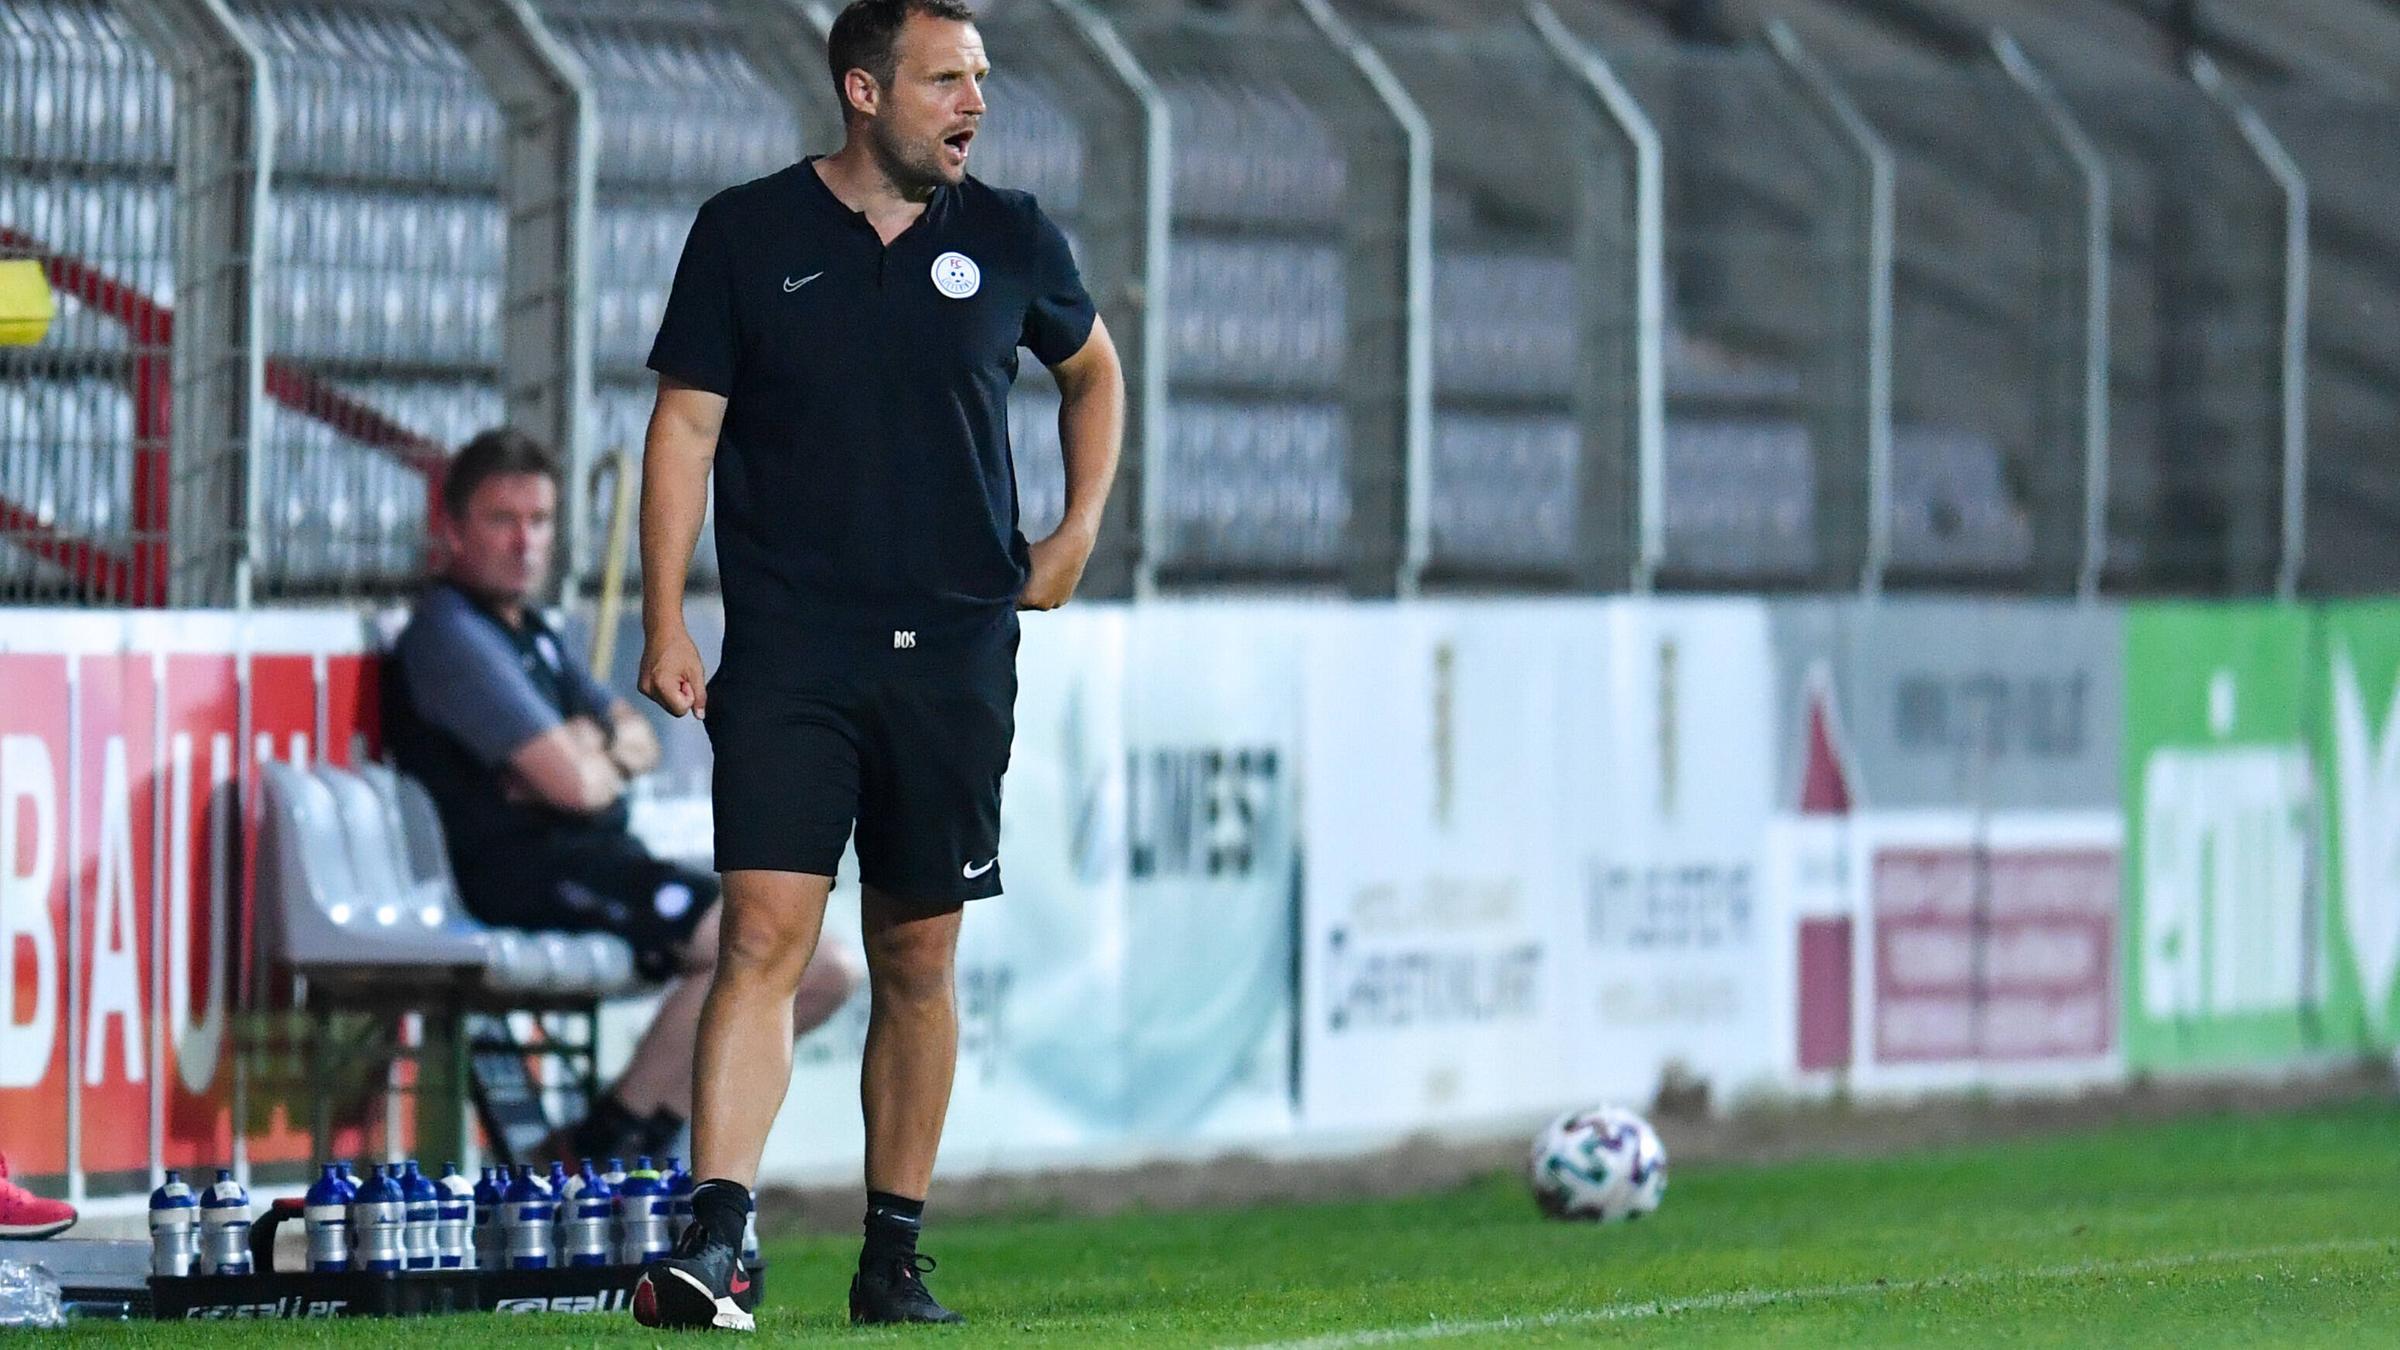 2. Liga, Österreich, Steyr gegen Liefering am 31. Juli 2020: Lieferings Trainer Bo Svensson steht am Spielfeldrand.